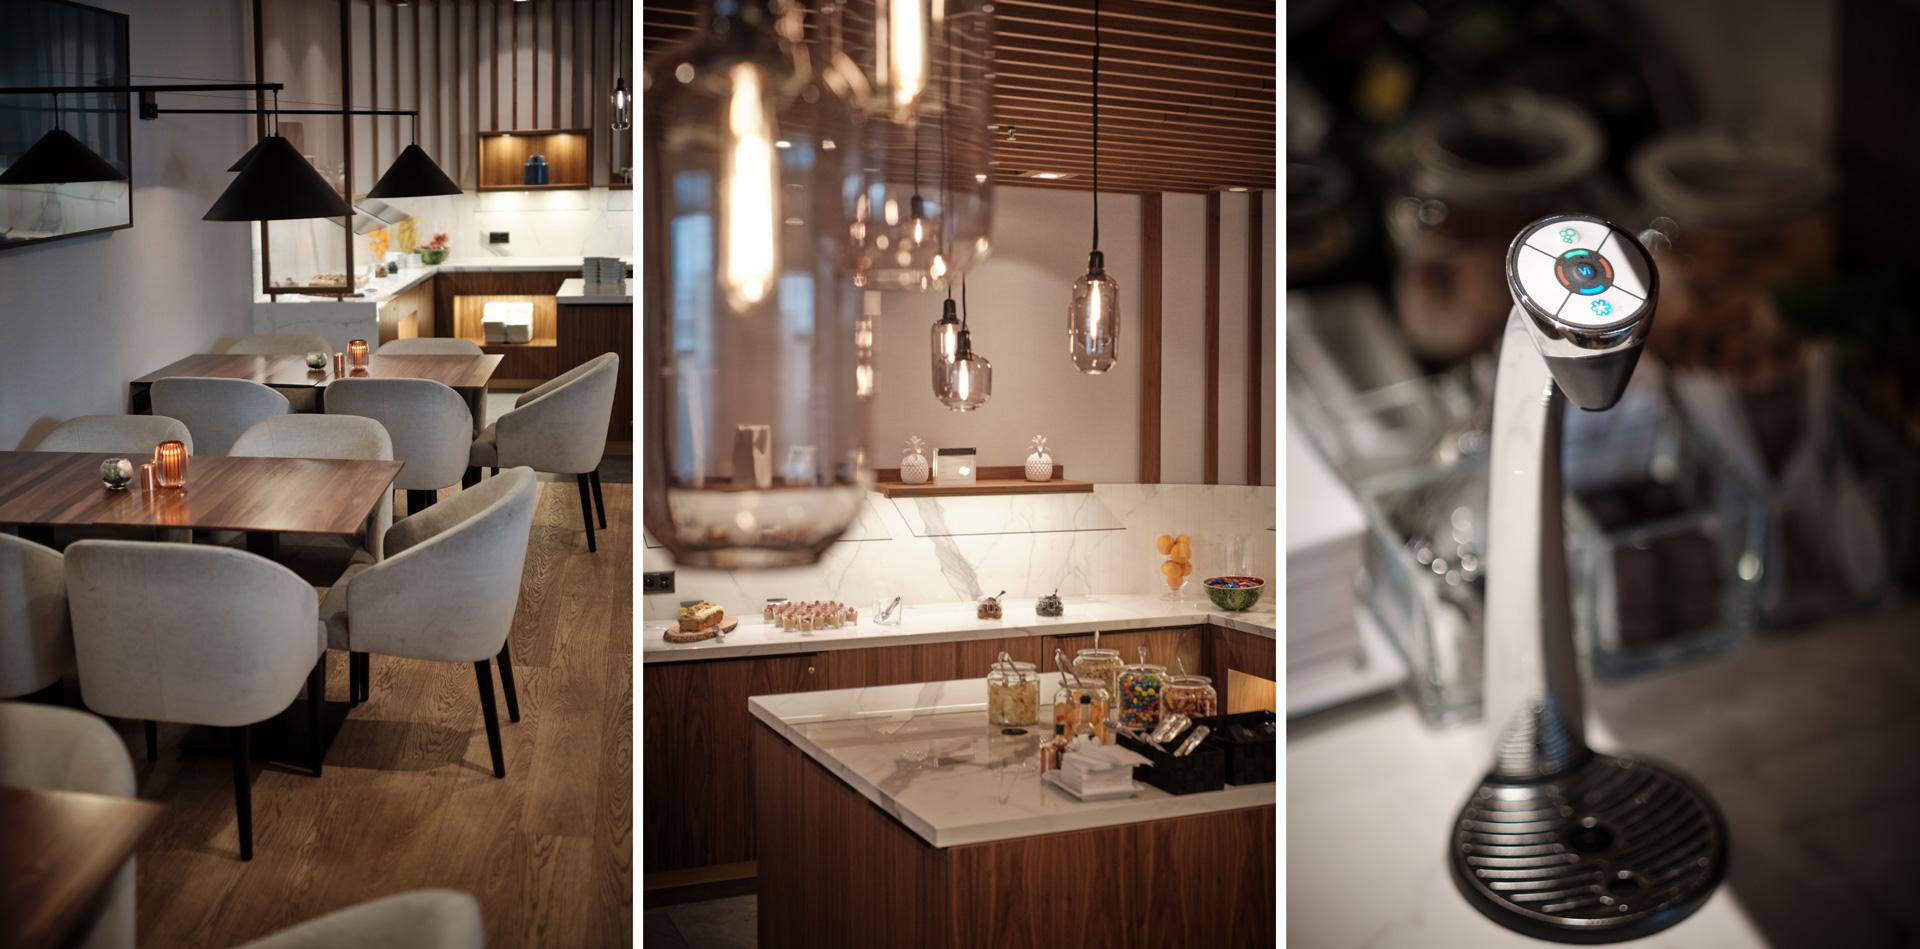 M Lounge Dining Buffet und Trinkwasser-Spender